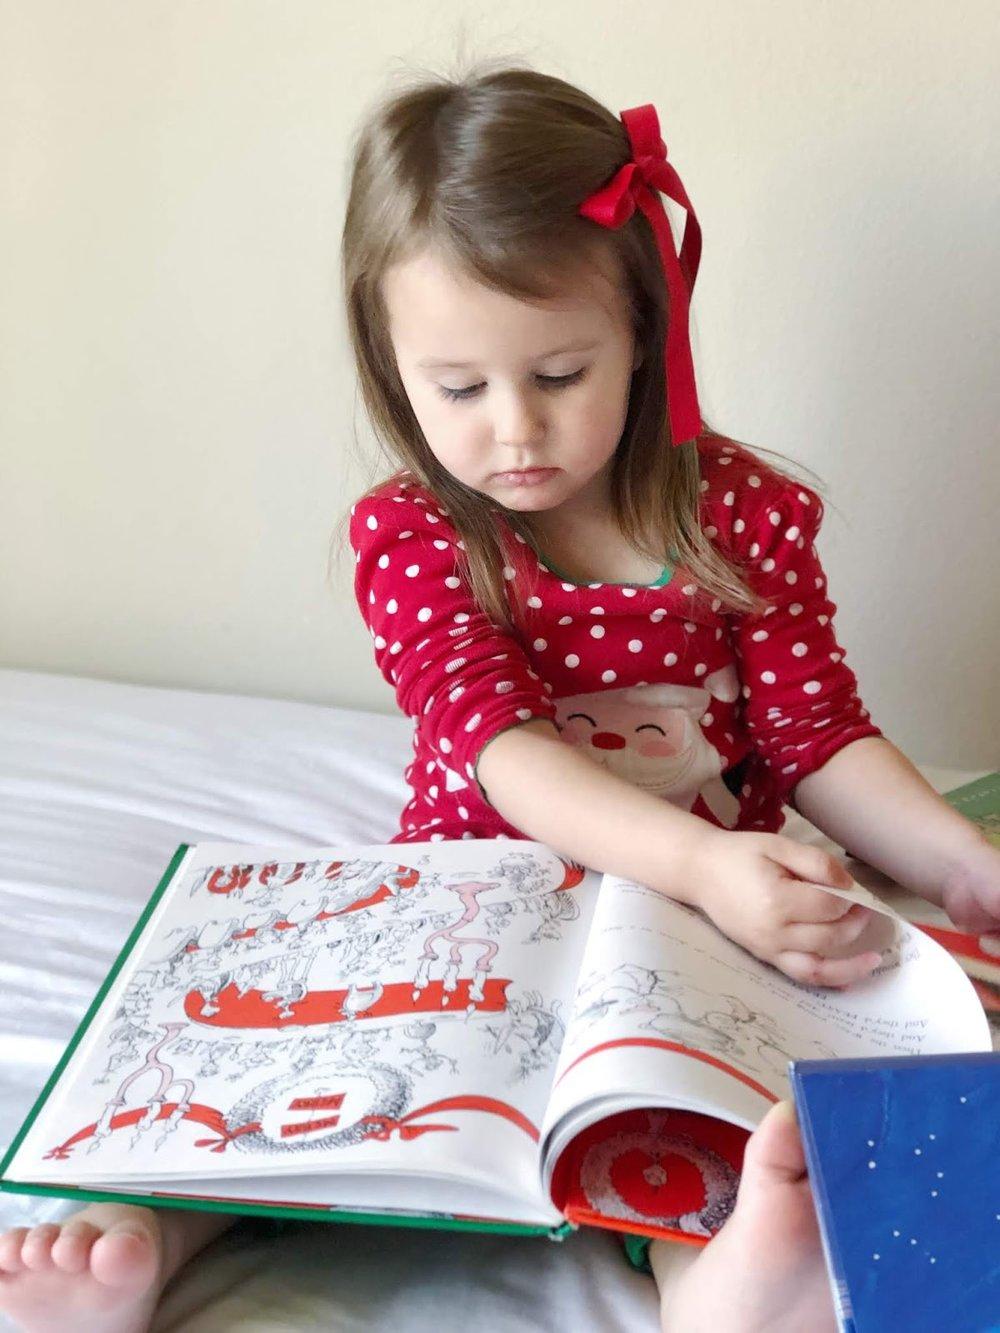 Family Reads Christmas Books 4.jpg